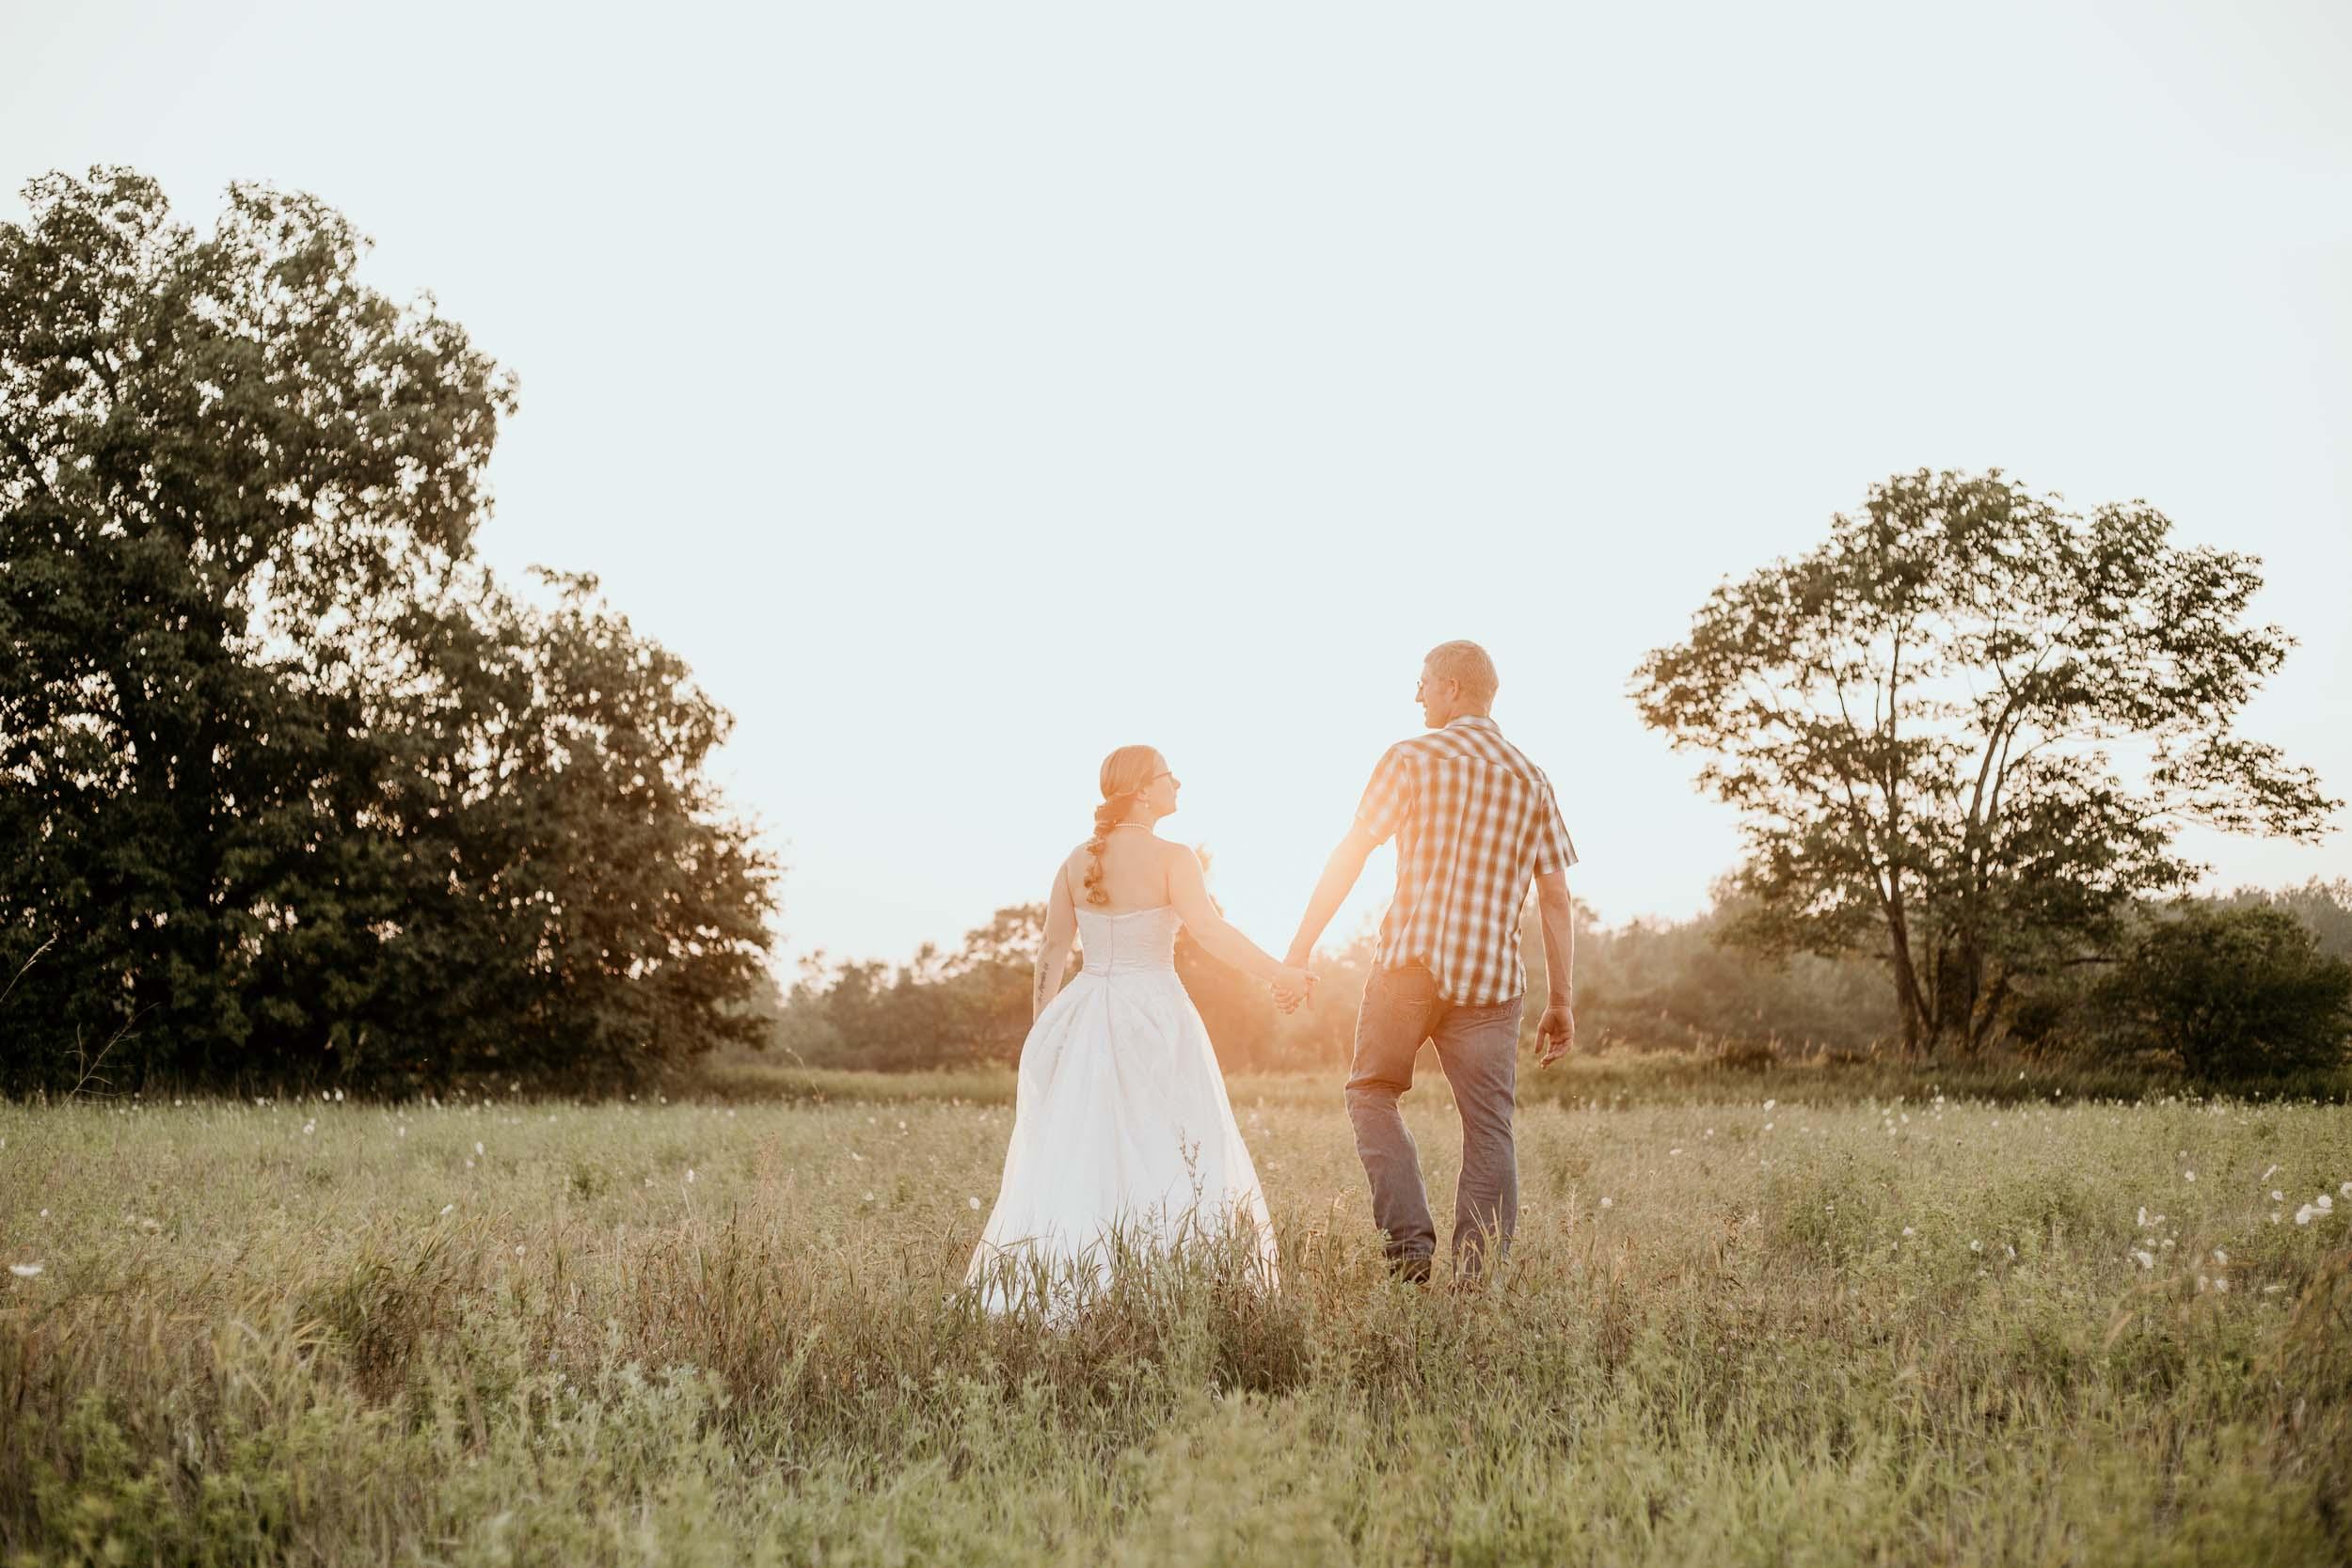 intimate-wedding-elopement-photographer-ottawa-joshua-tree-2961.jpg